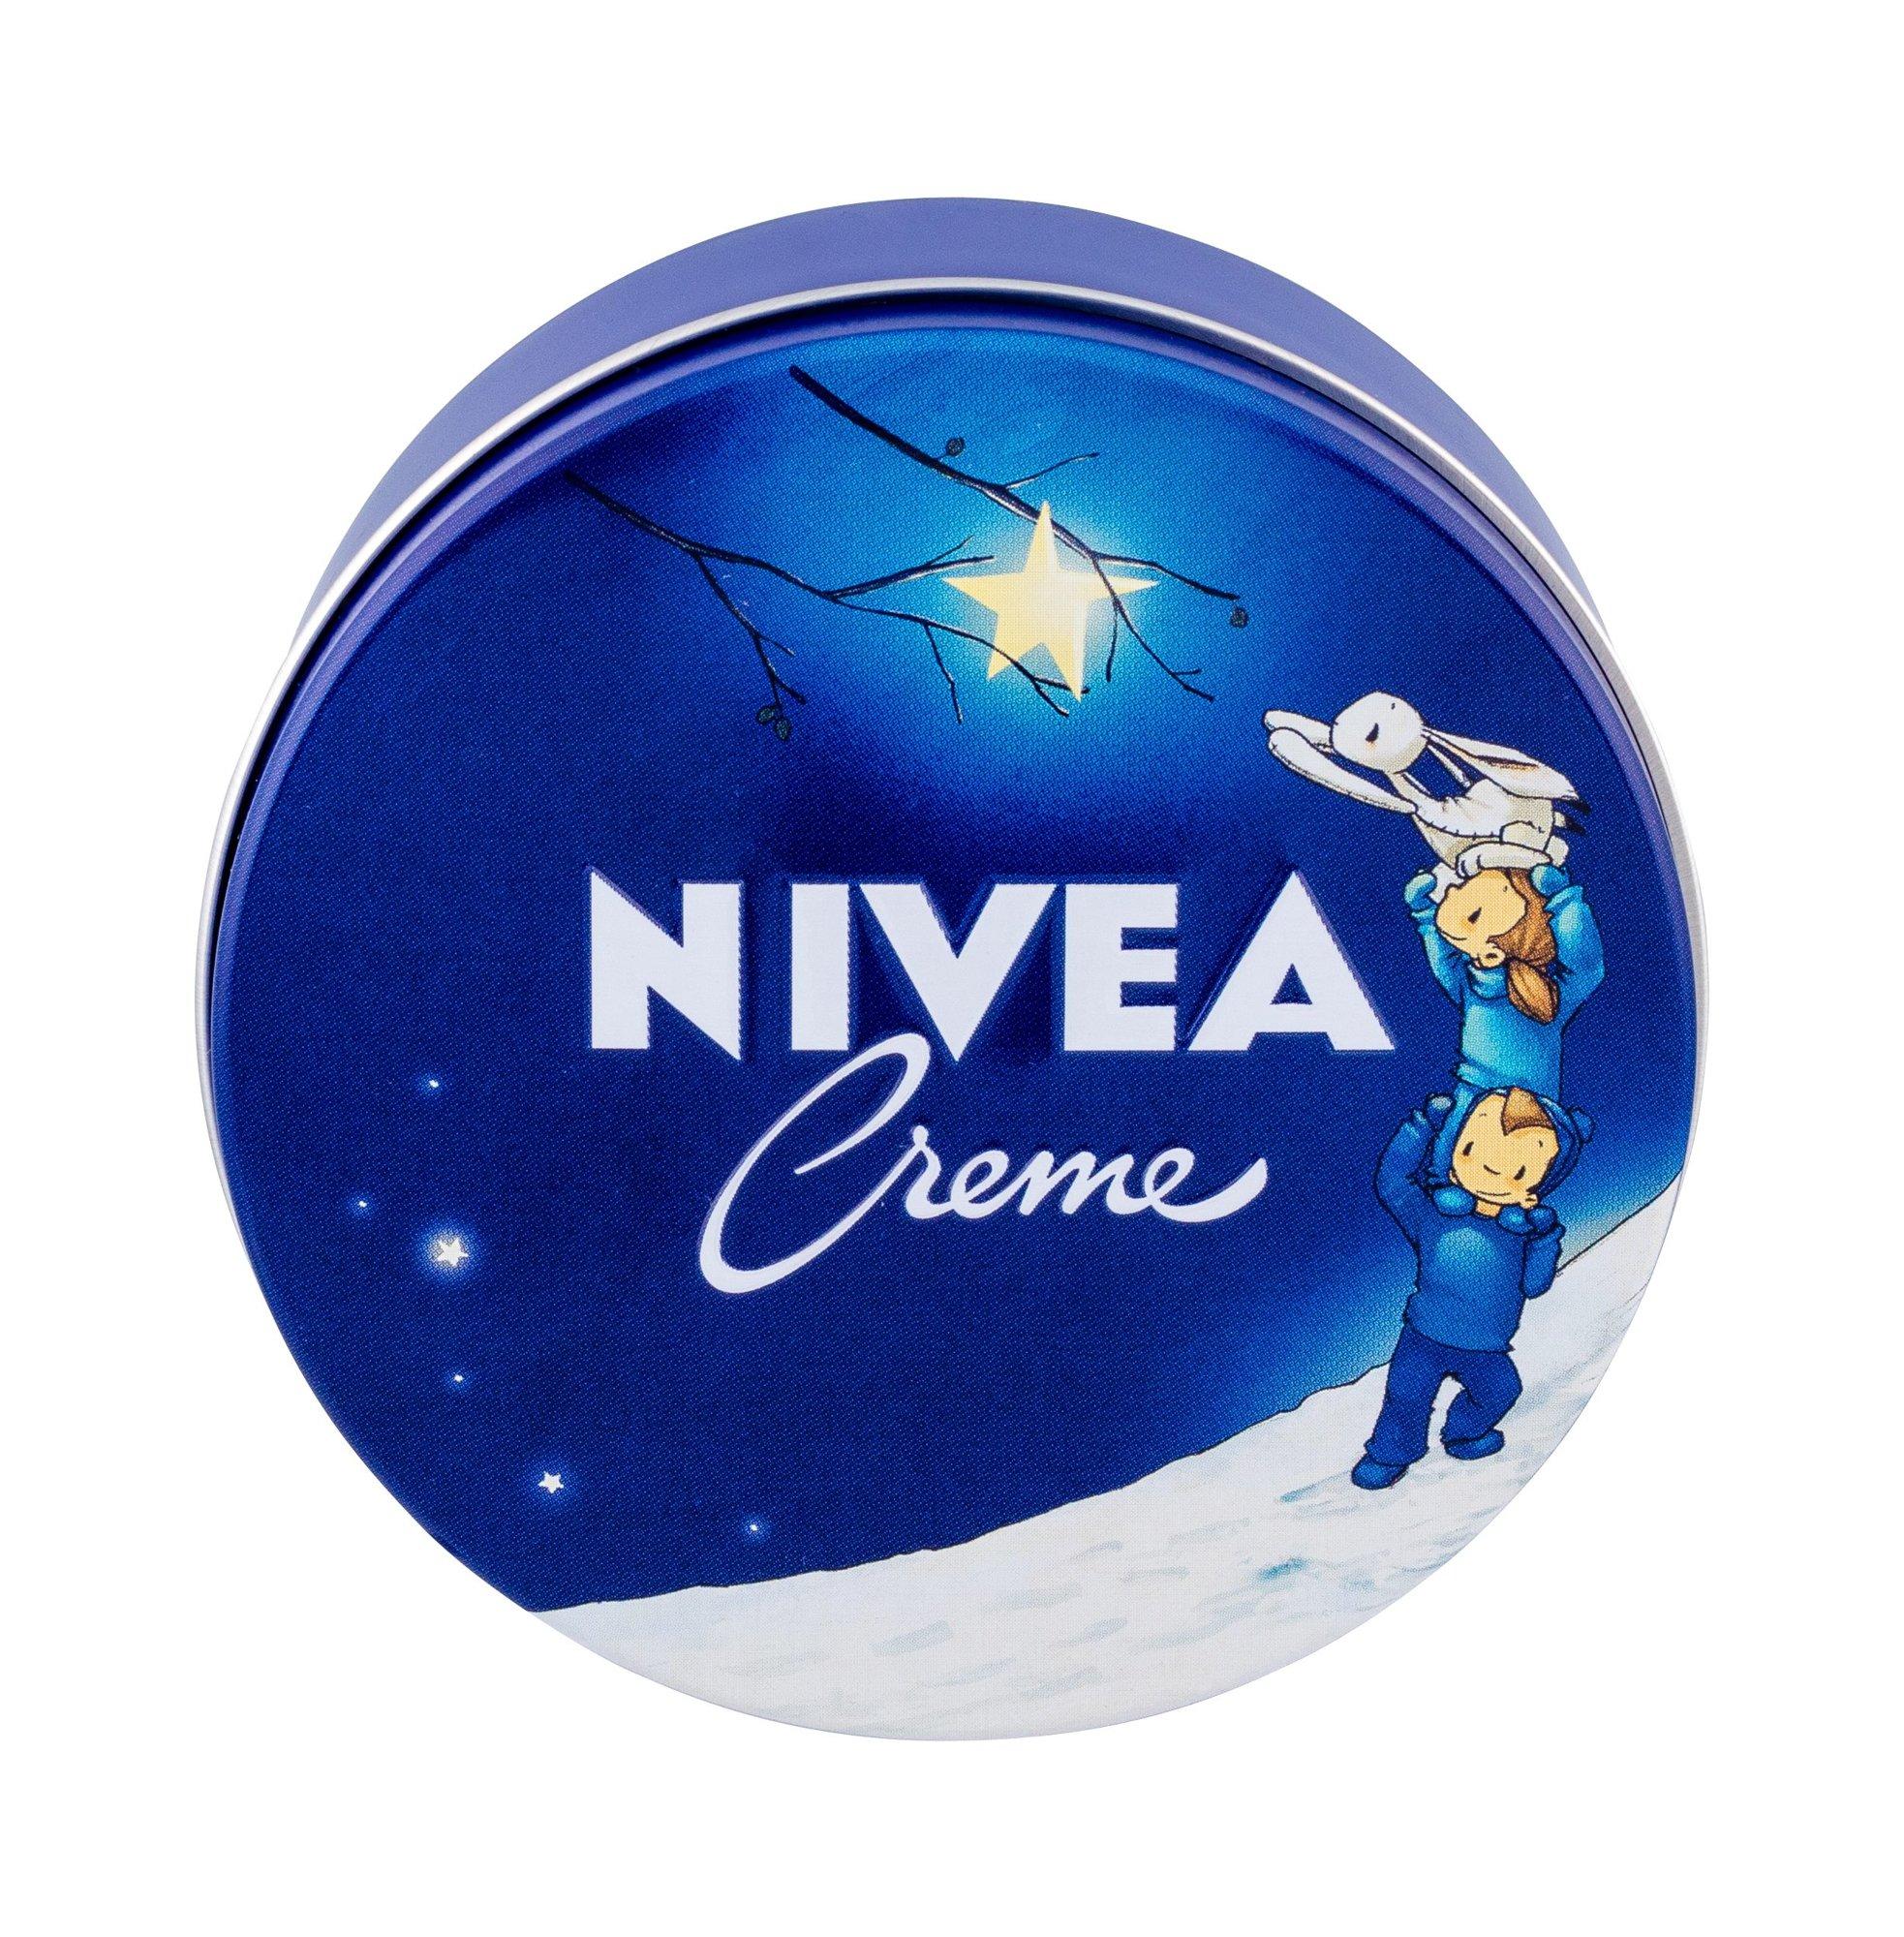 Nivea Creme Cosmetic 250ml